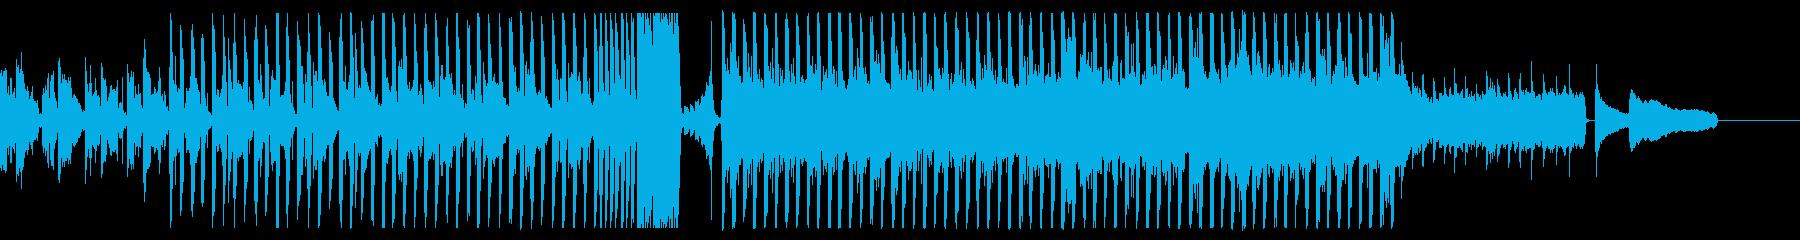 ピアノとシンセの明るいテクノポップBGMの再生済みの波形